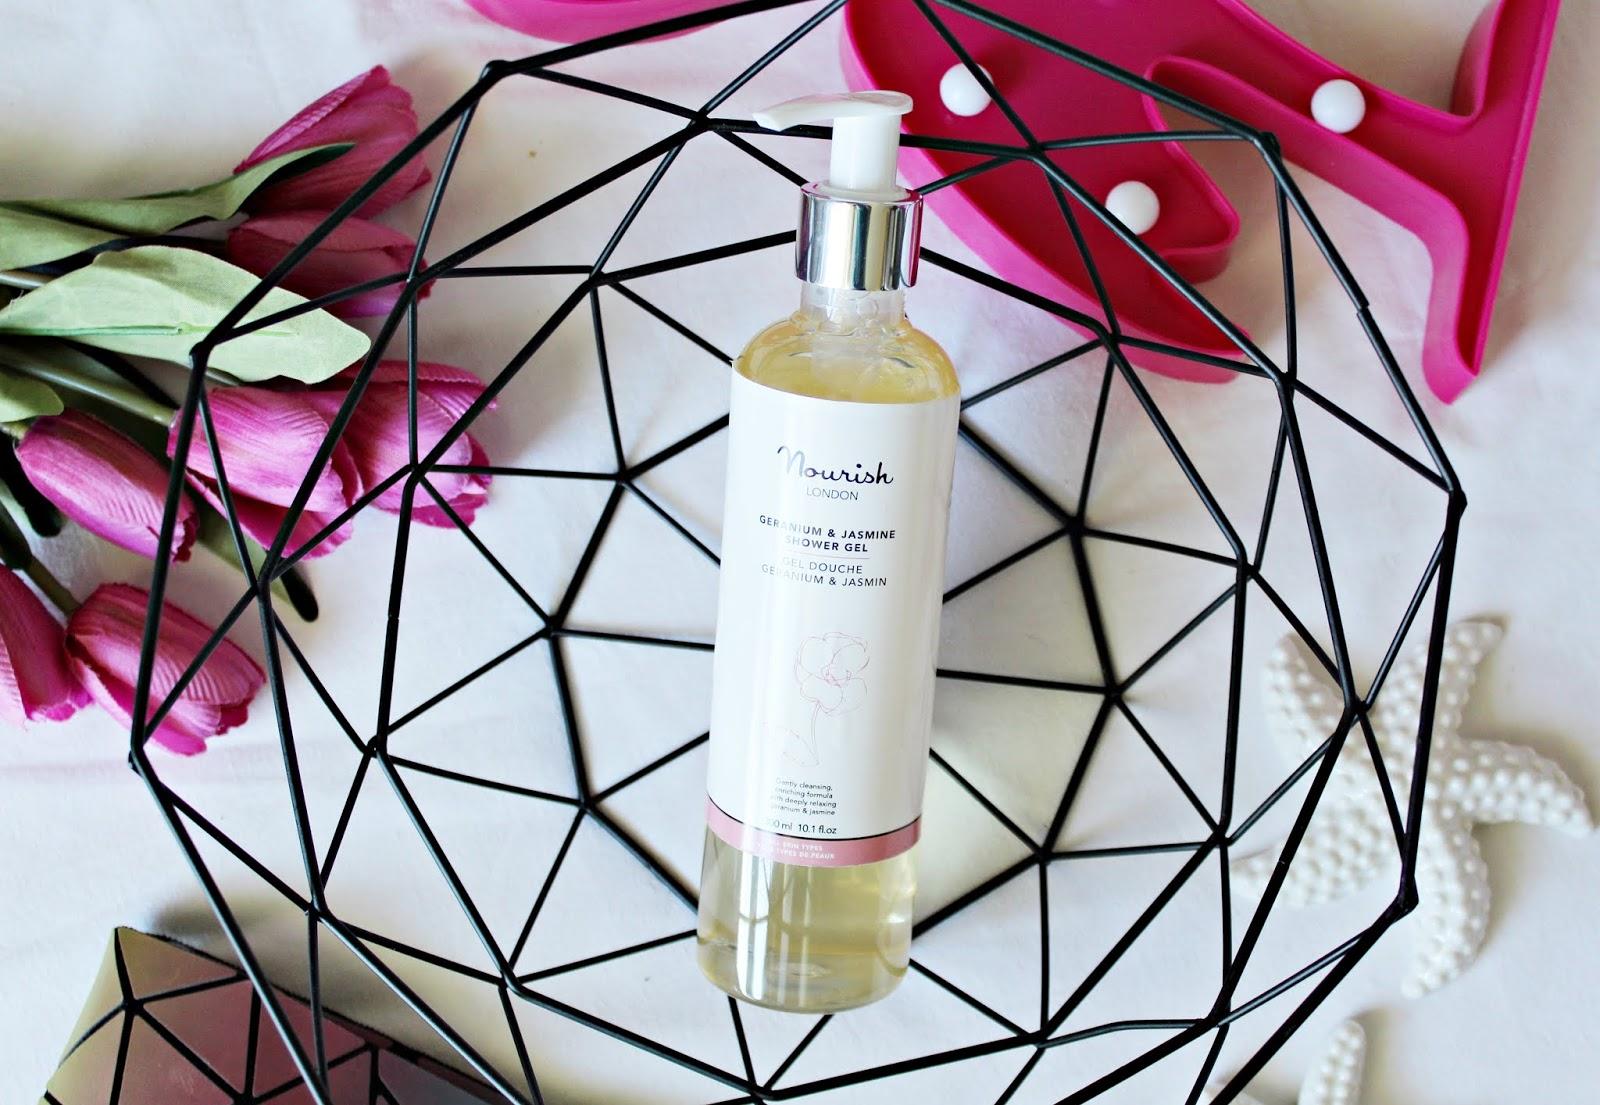 NOURISH London Geranium & Jasmine Shower Gel - Oczyszczający żel do ciała z geranium i jaśminem - COSTASY